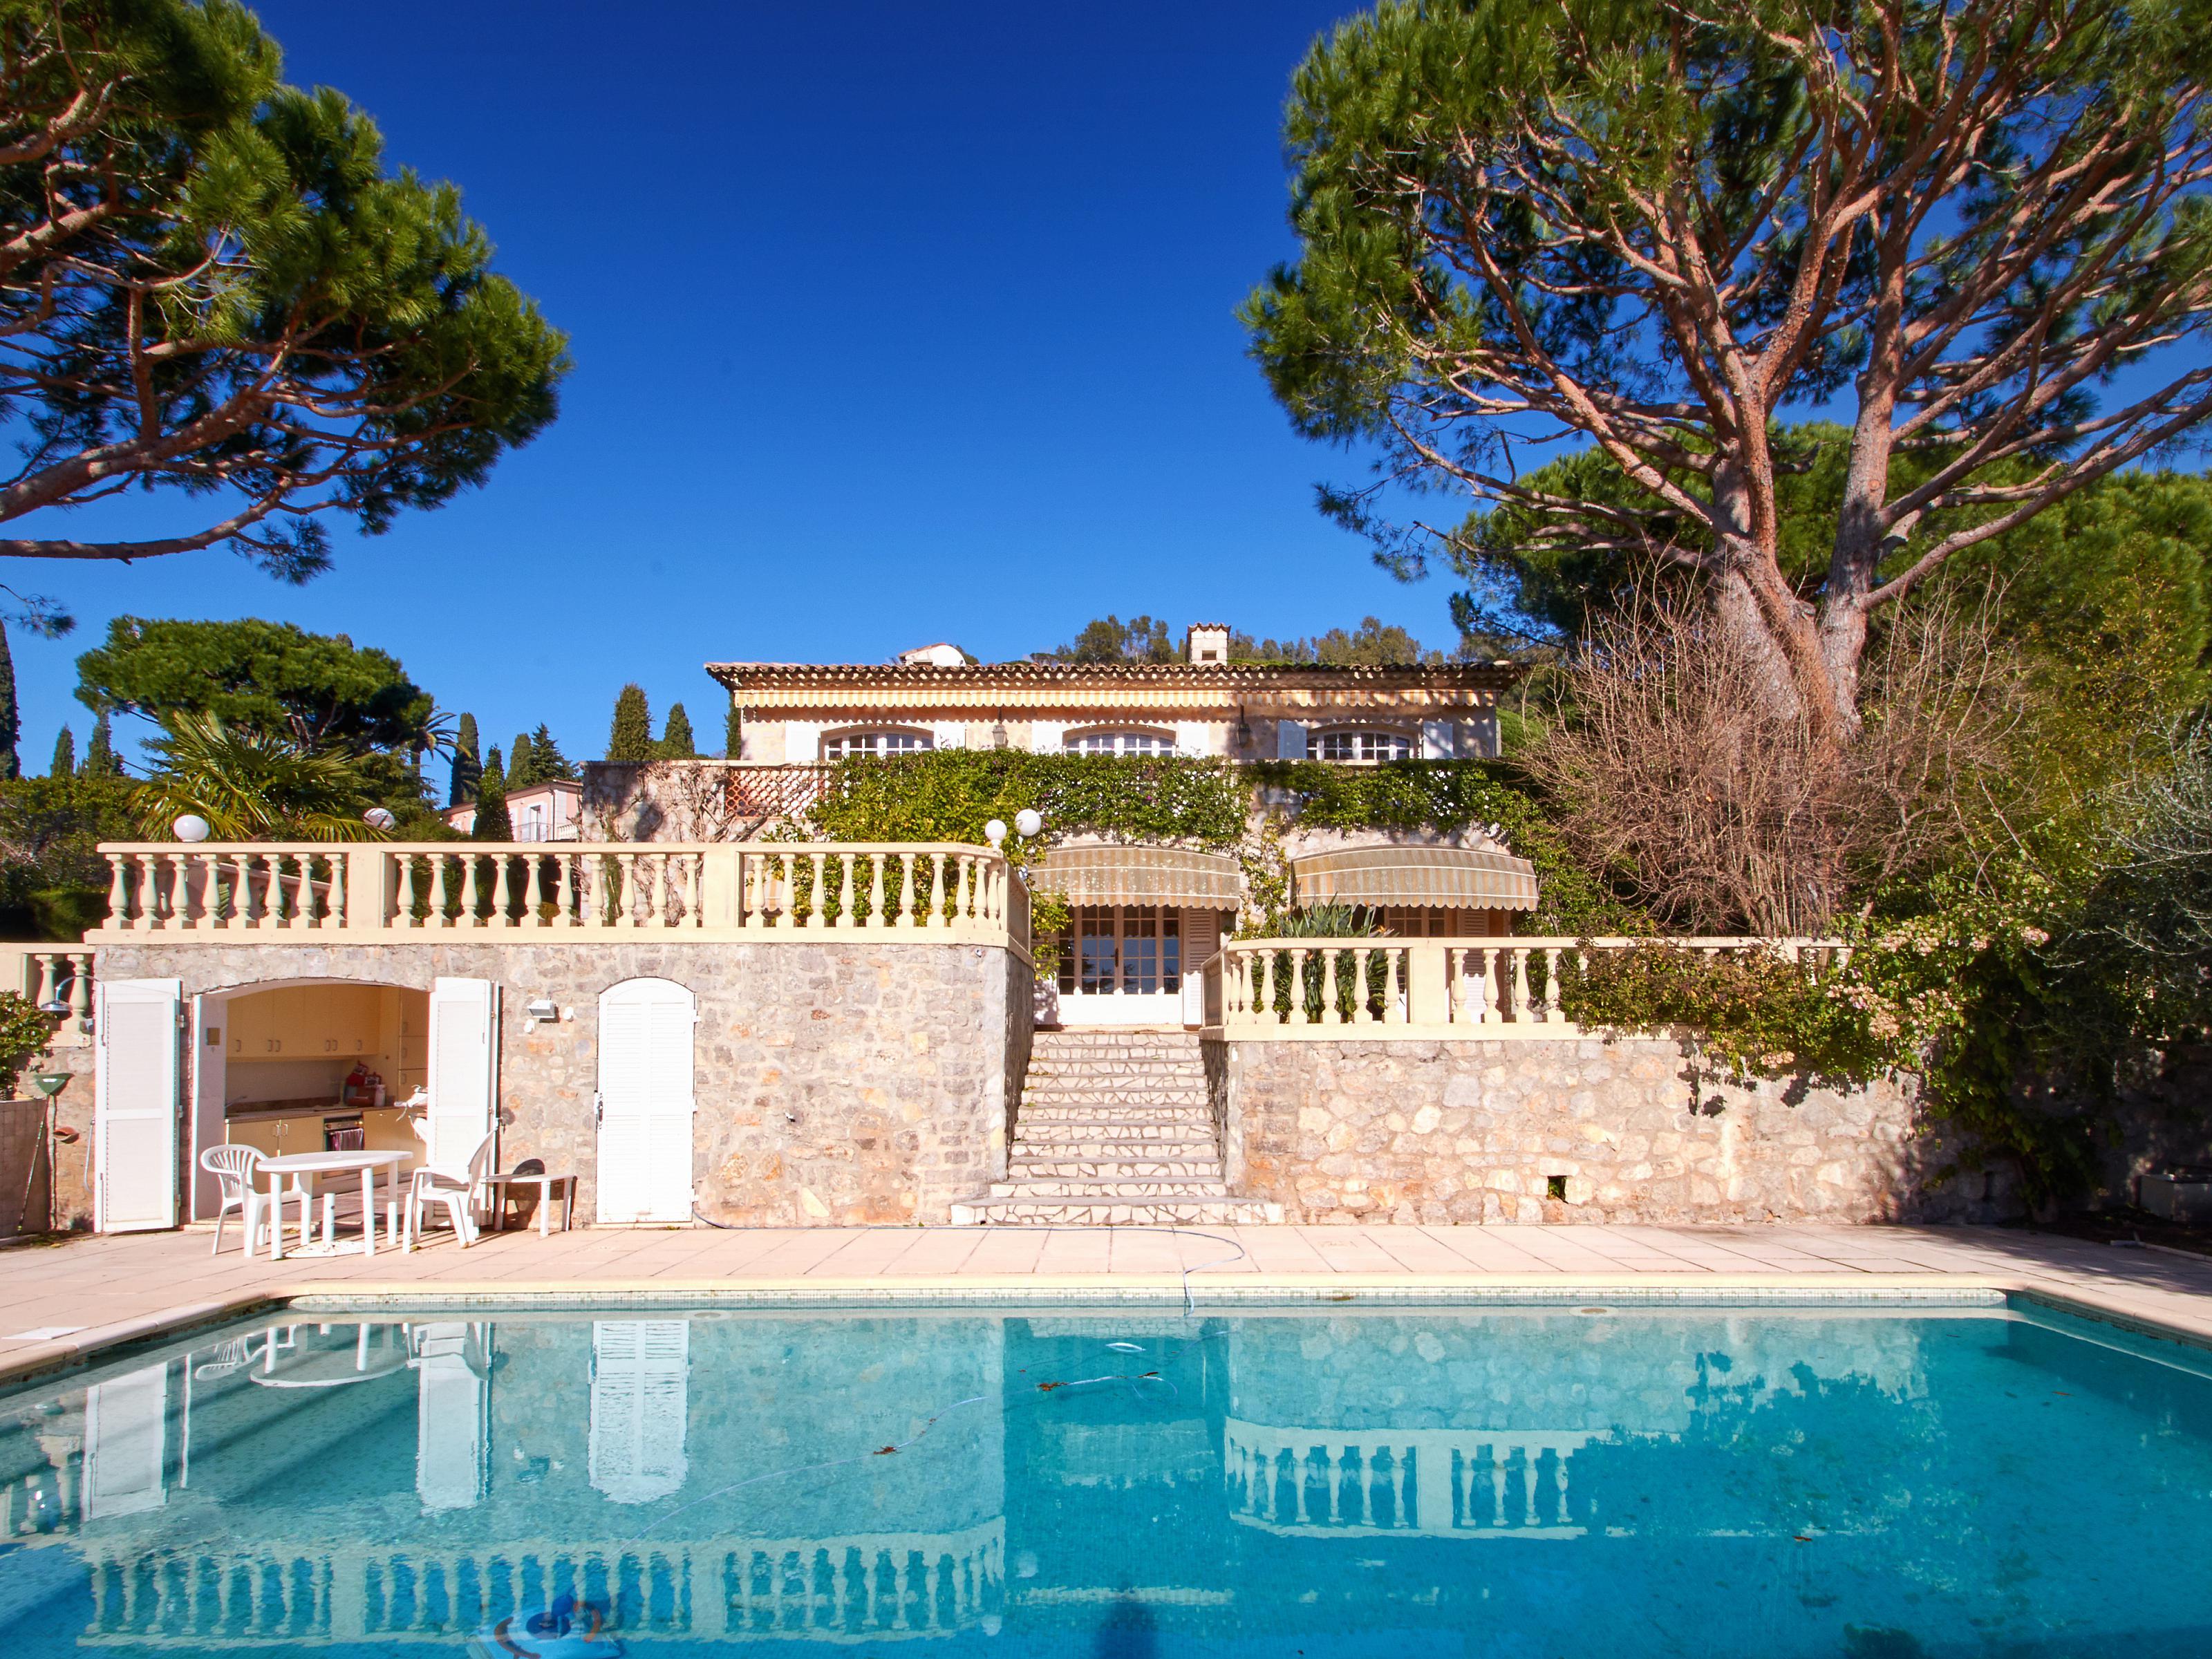 独户住宅 为 销售 在 Sole agent - Cannes - Villa with sea views Cannes, 普罗旺斯阿尔卑斯蓝色海岸 06150 法国